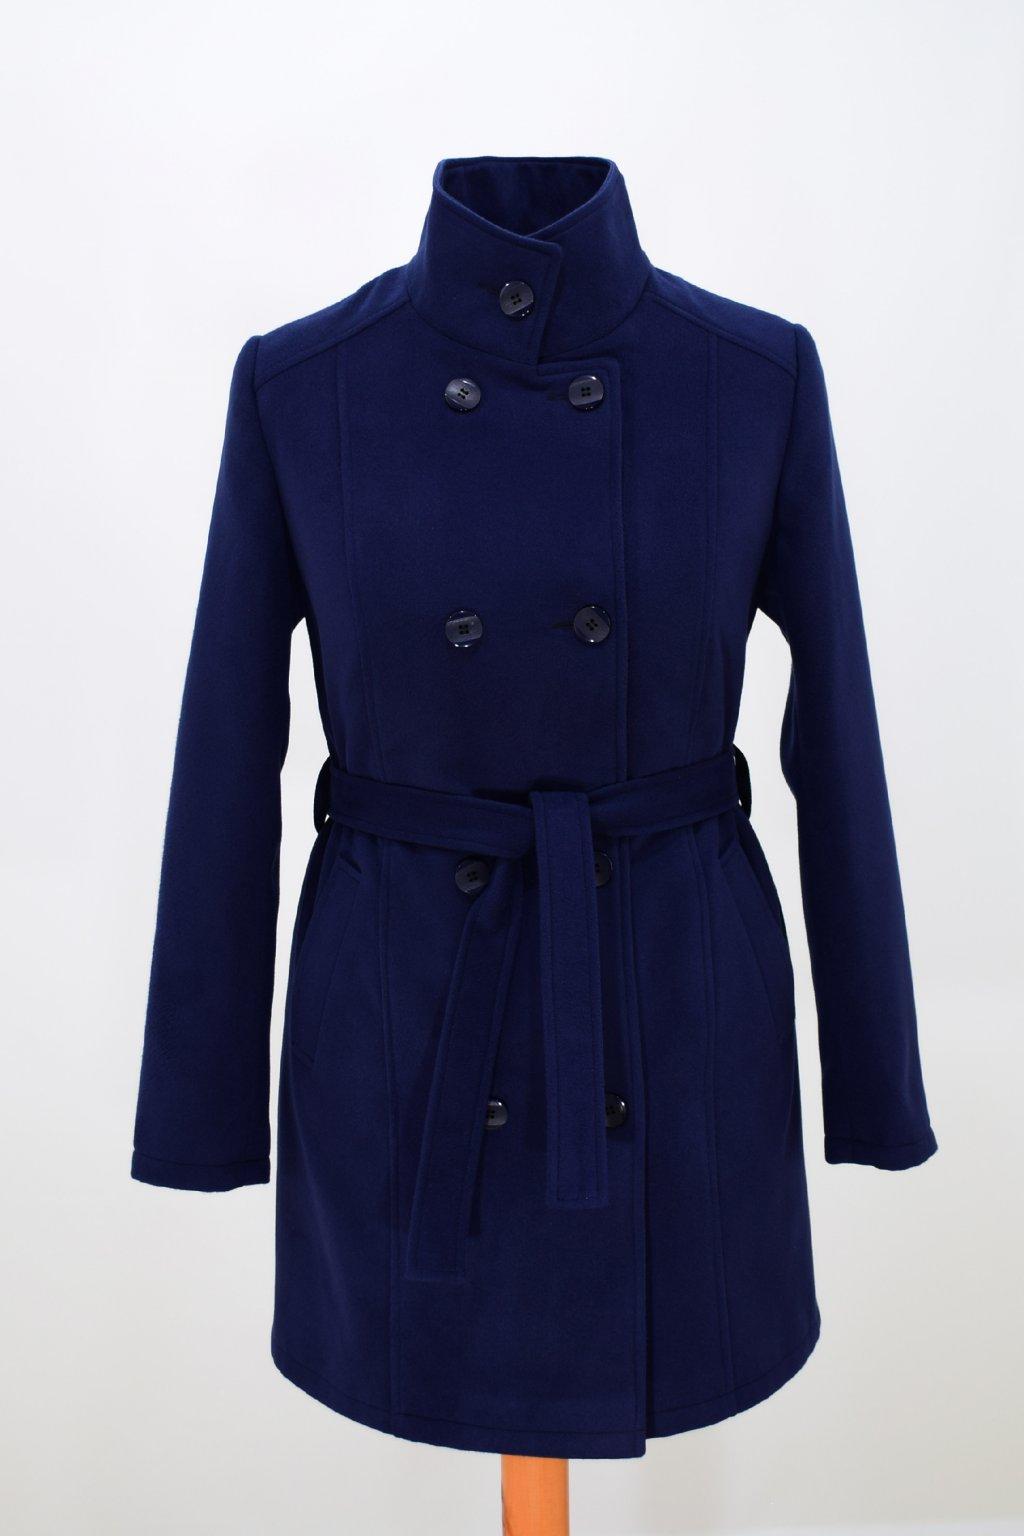 Dámský modrý zimní kabát Sofie.